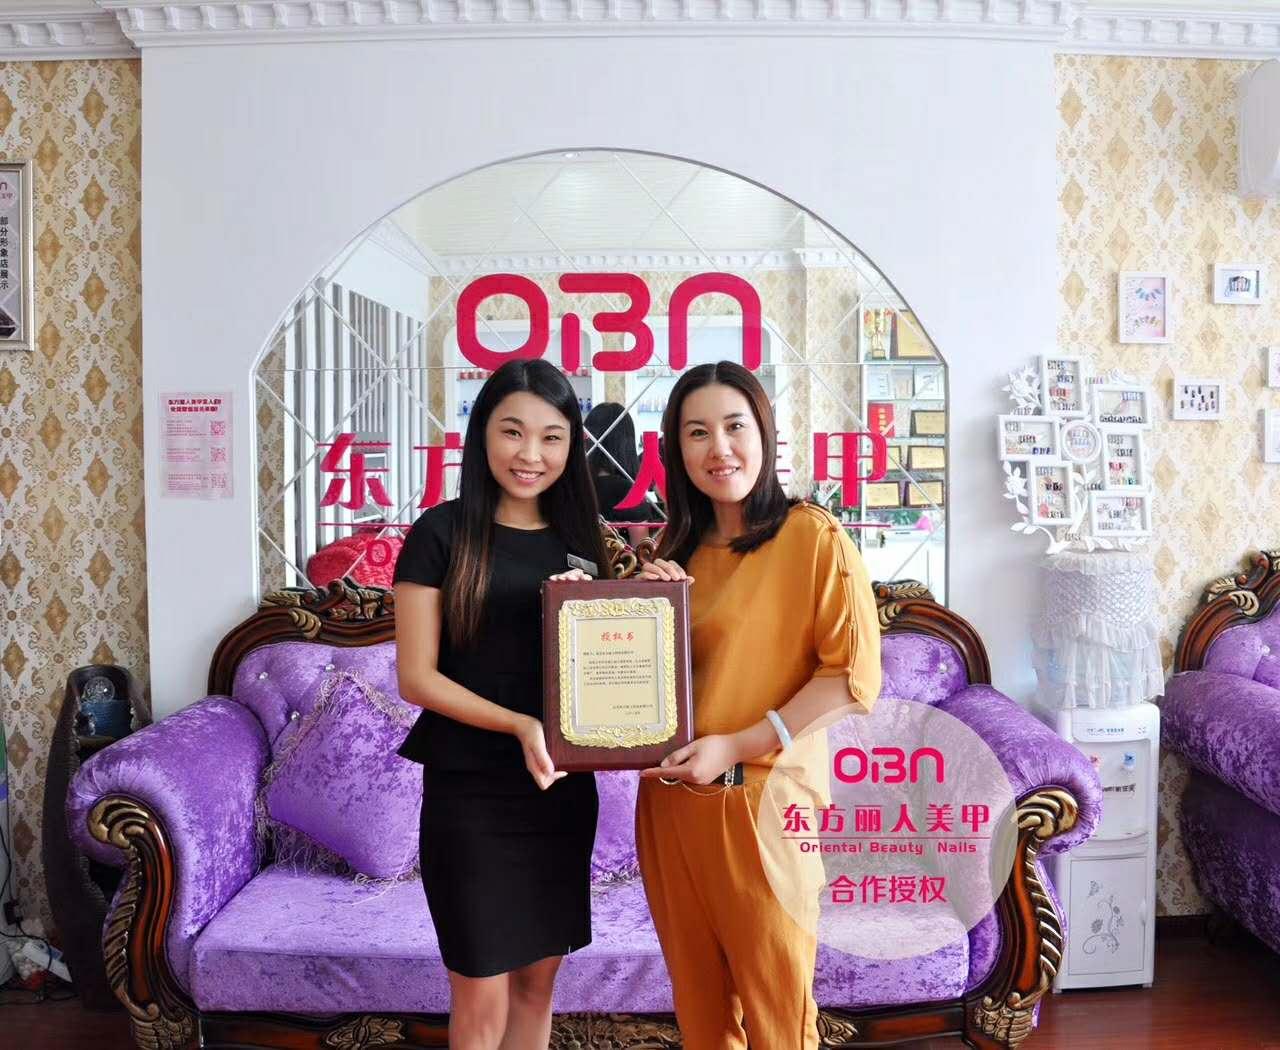 恭喜王女士成功加入东方丽人美业大家庭.